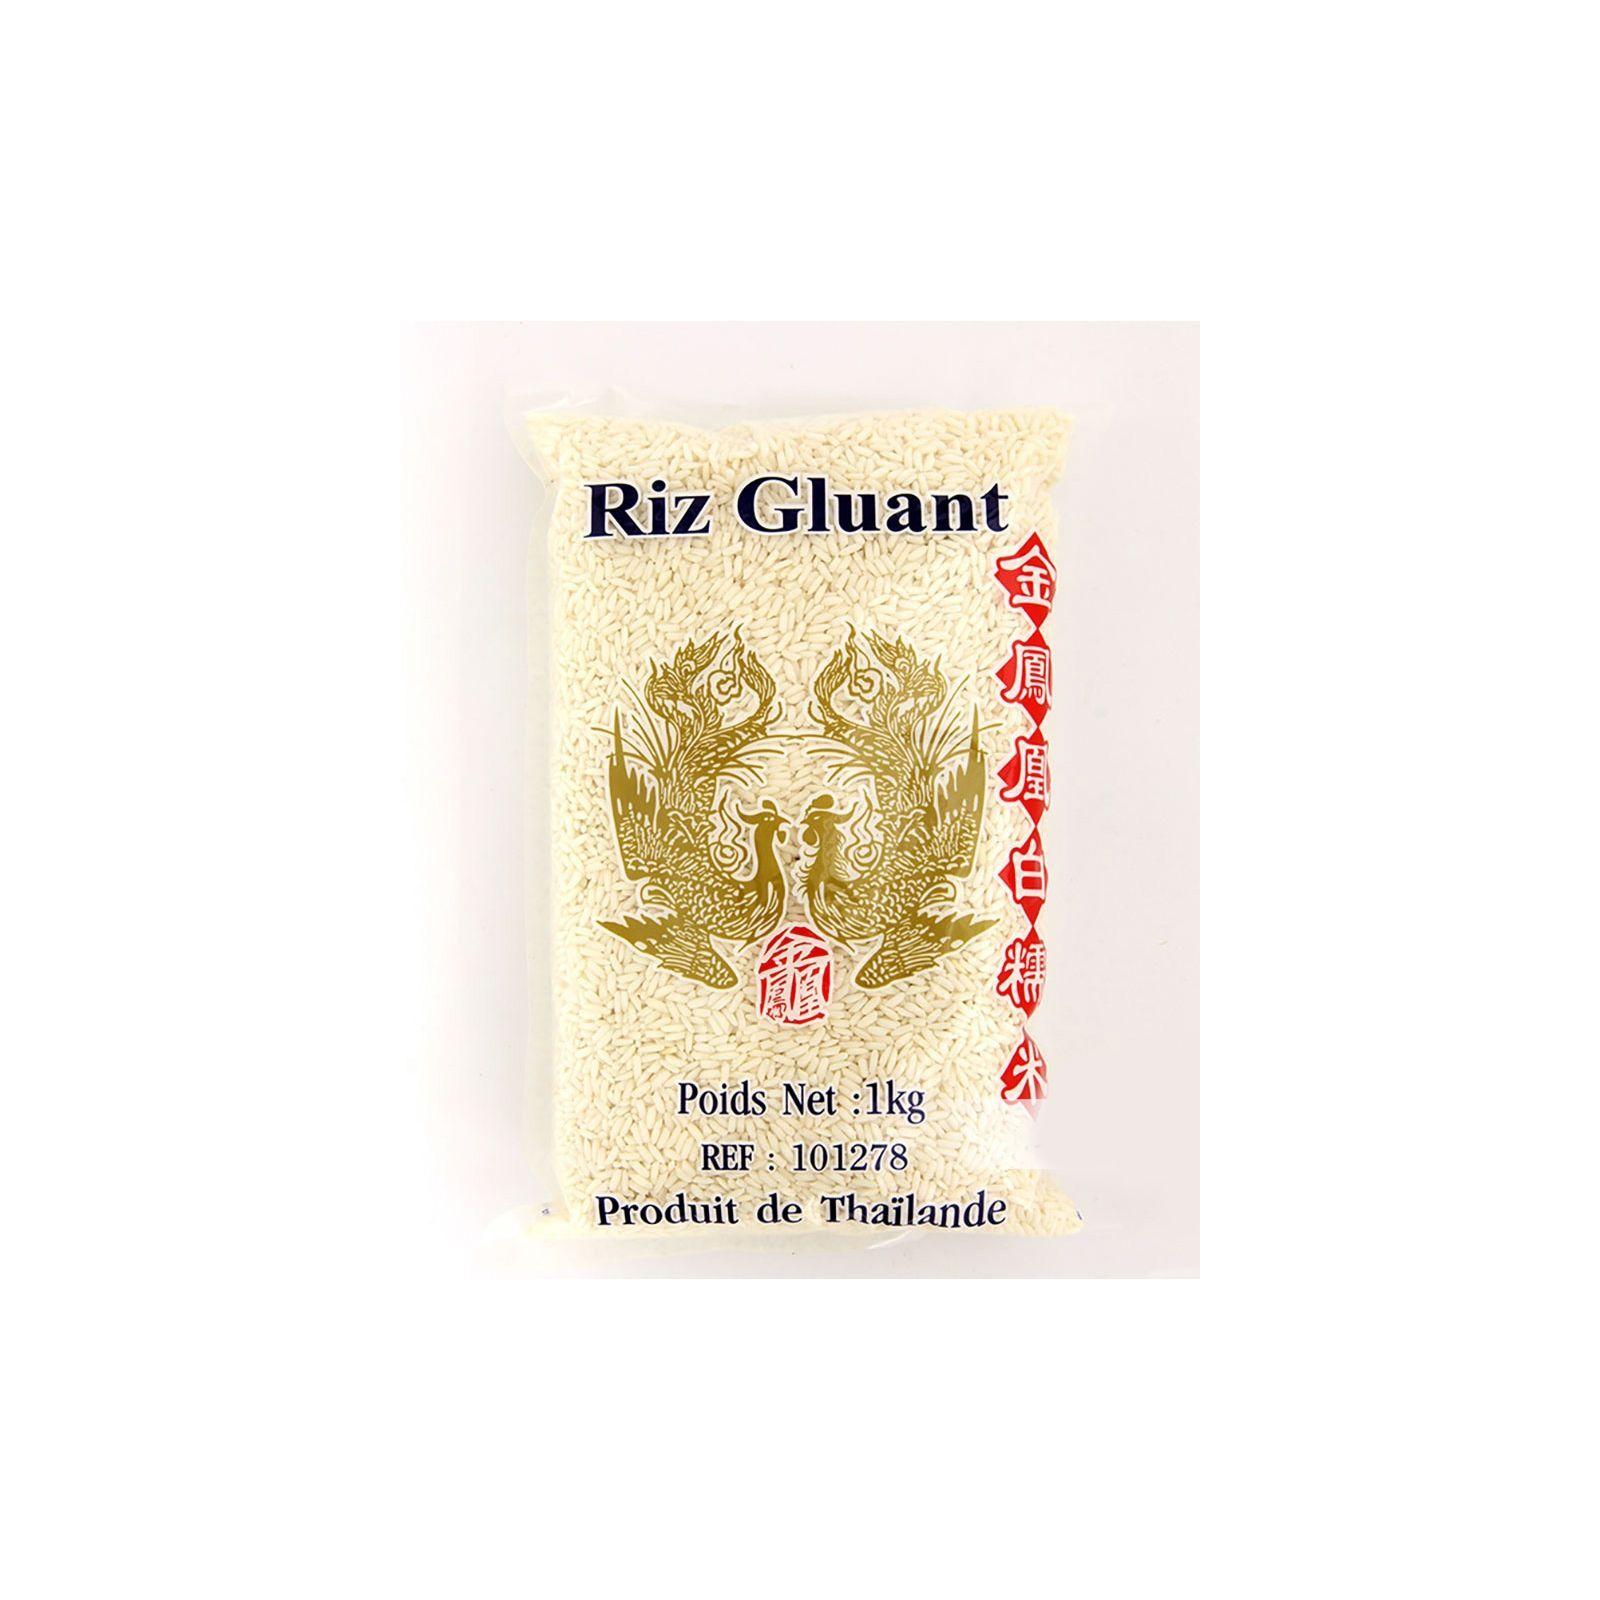 Asia Marché Riz Gluant Oiseaux Célèstes (Phoenix) 1 kg